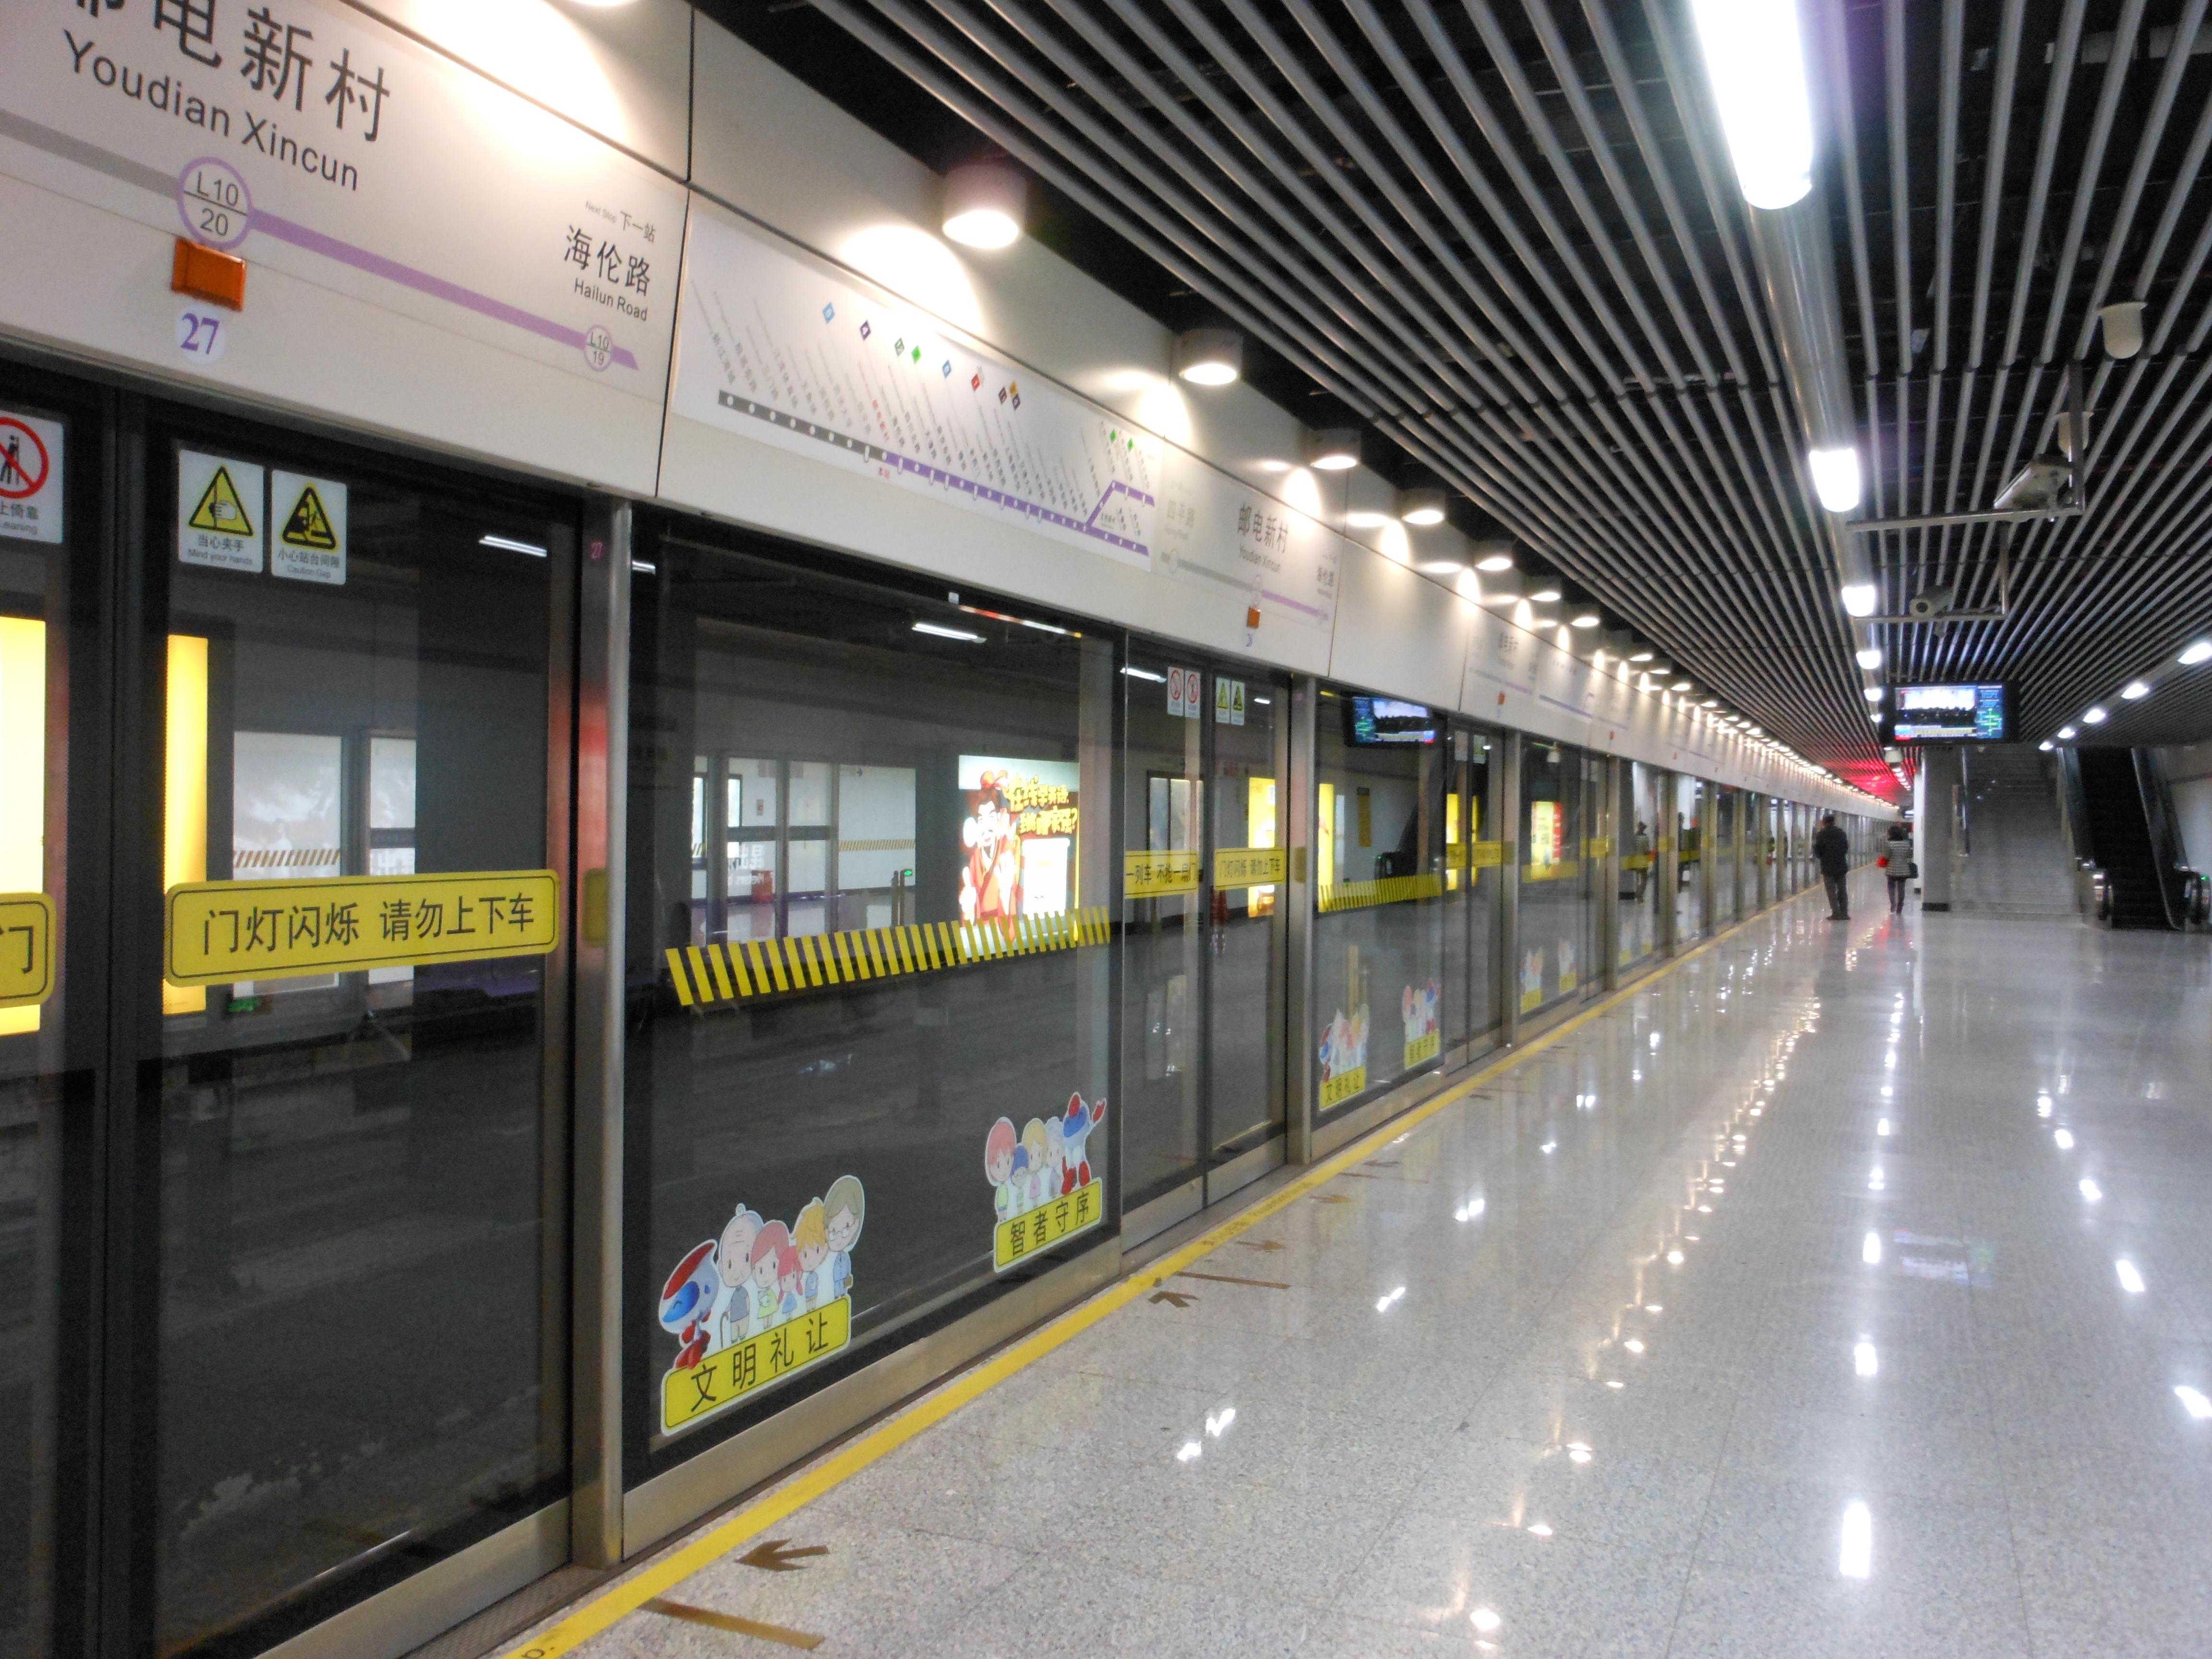 郵電新村駅